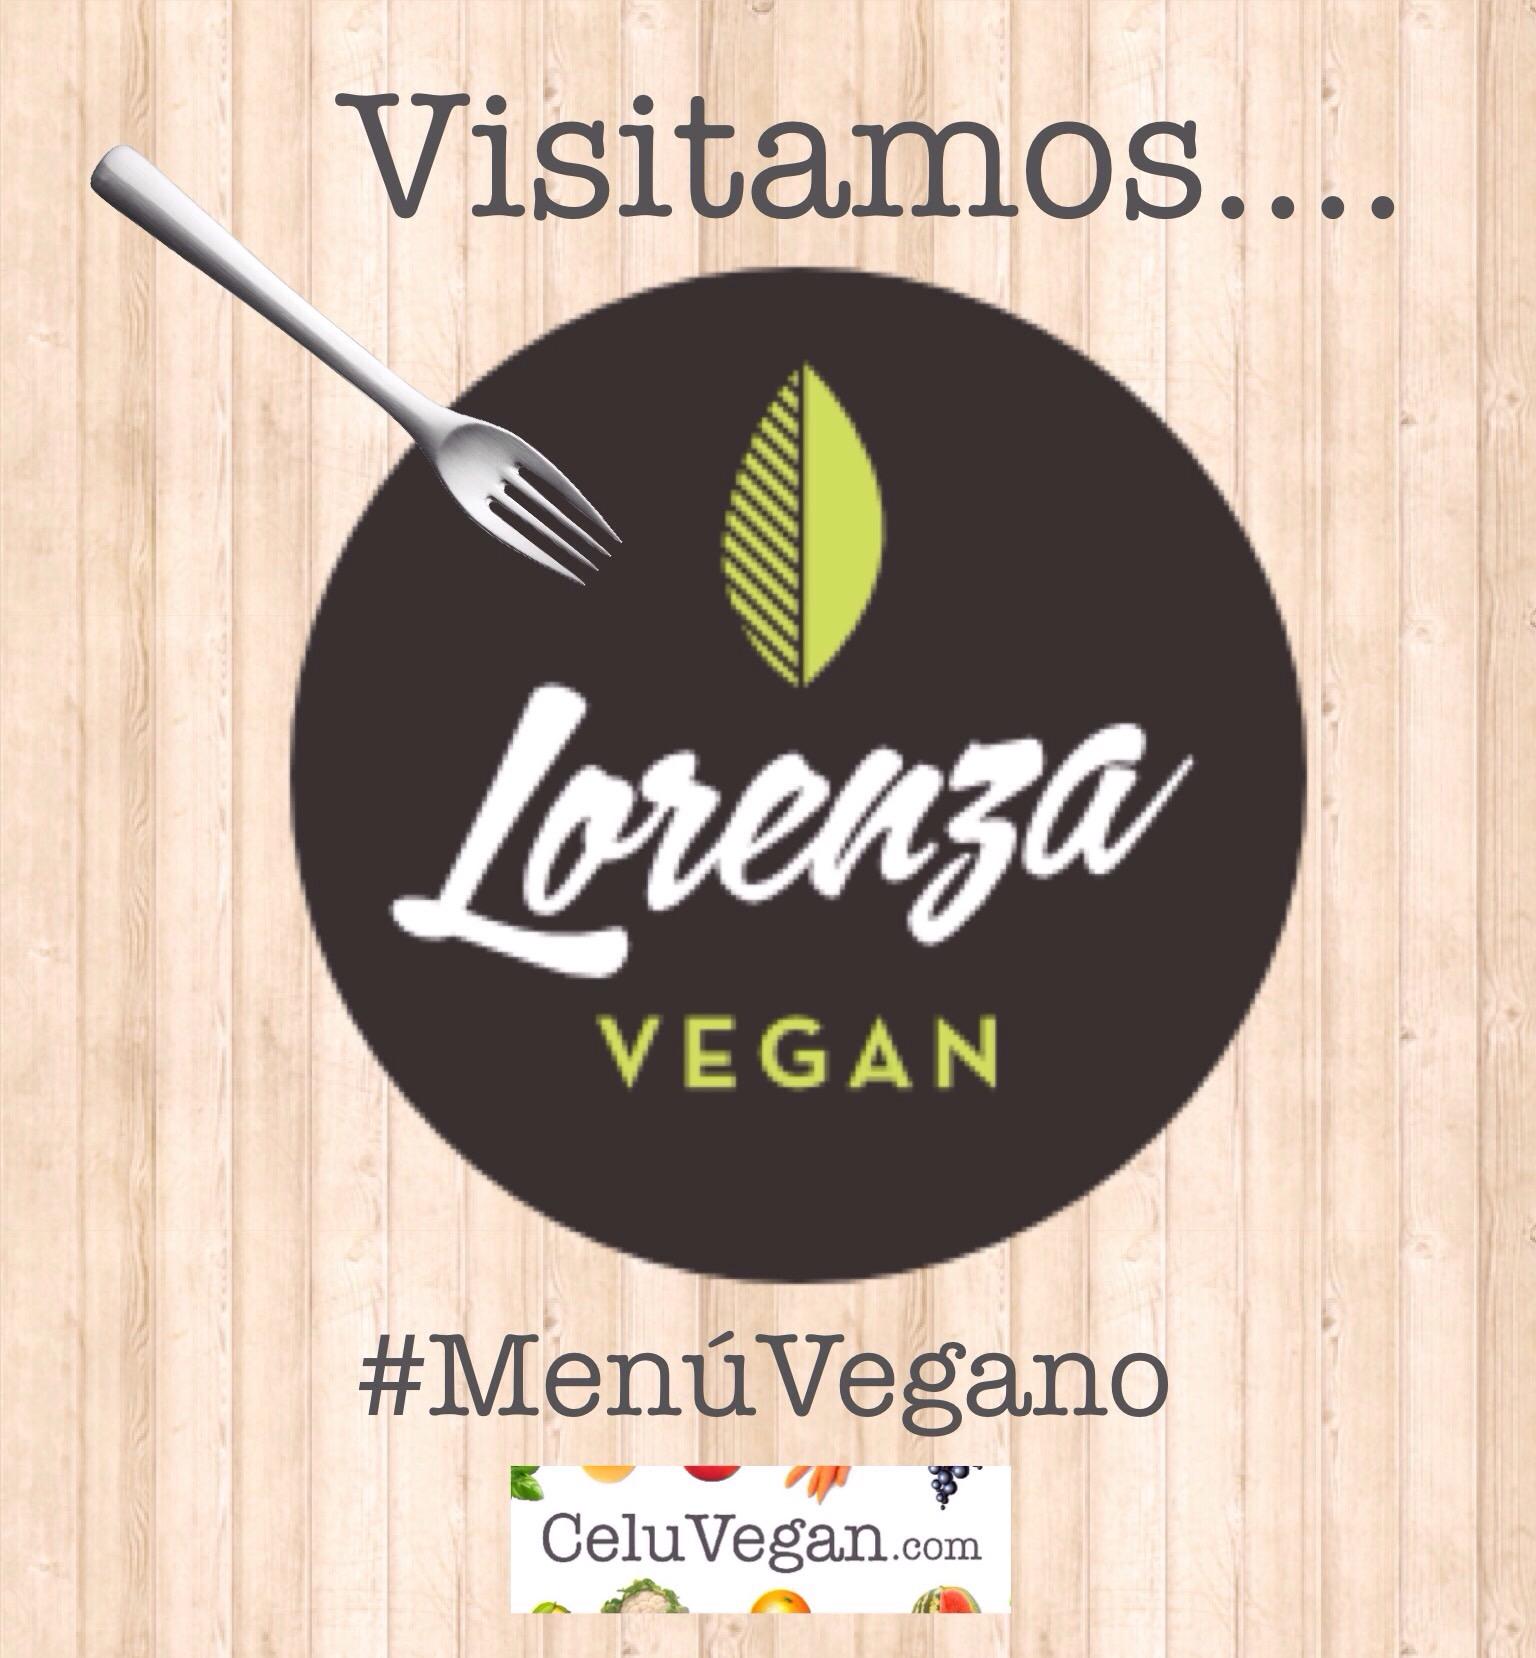 Lorenza-Vegan